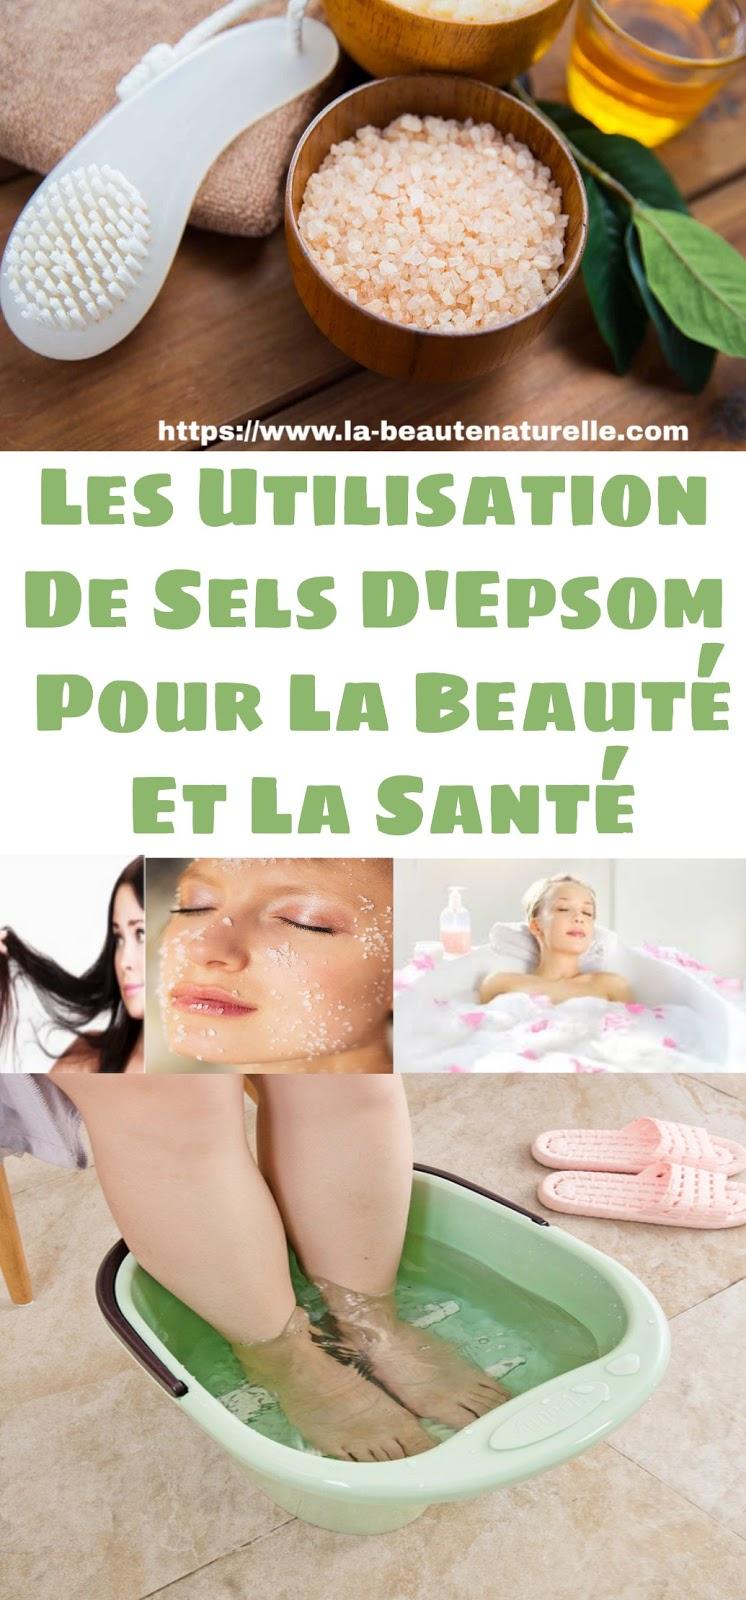 Les Utilisation De Sels D'Epsom Pour La Beauté Et La Santé